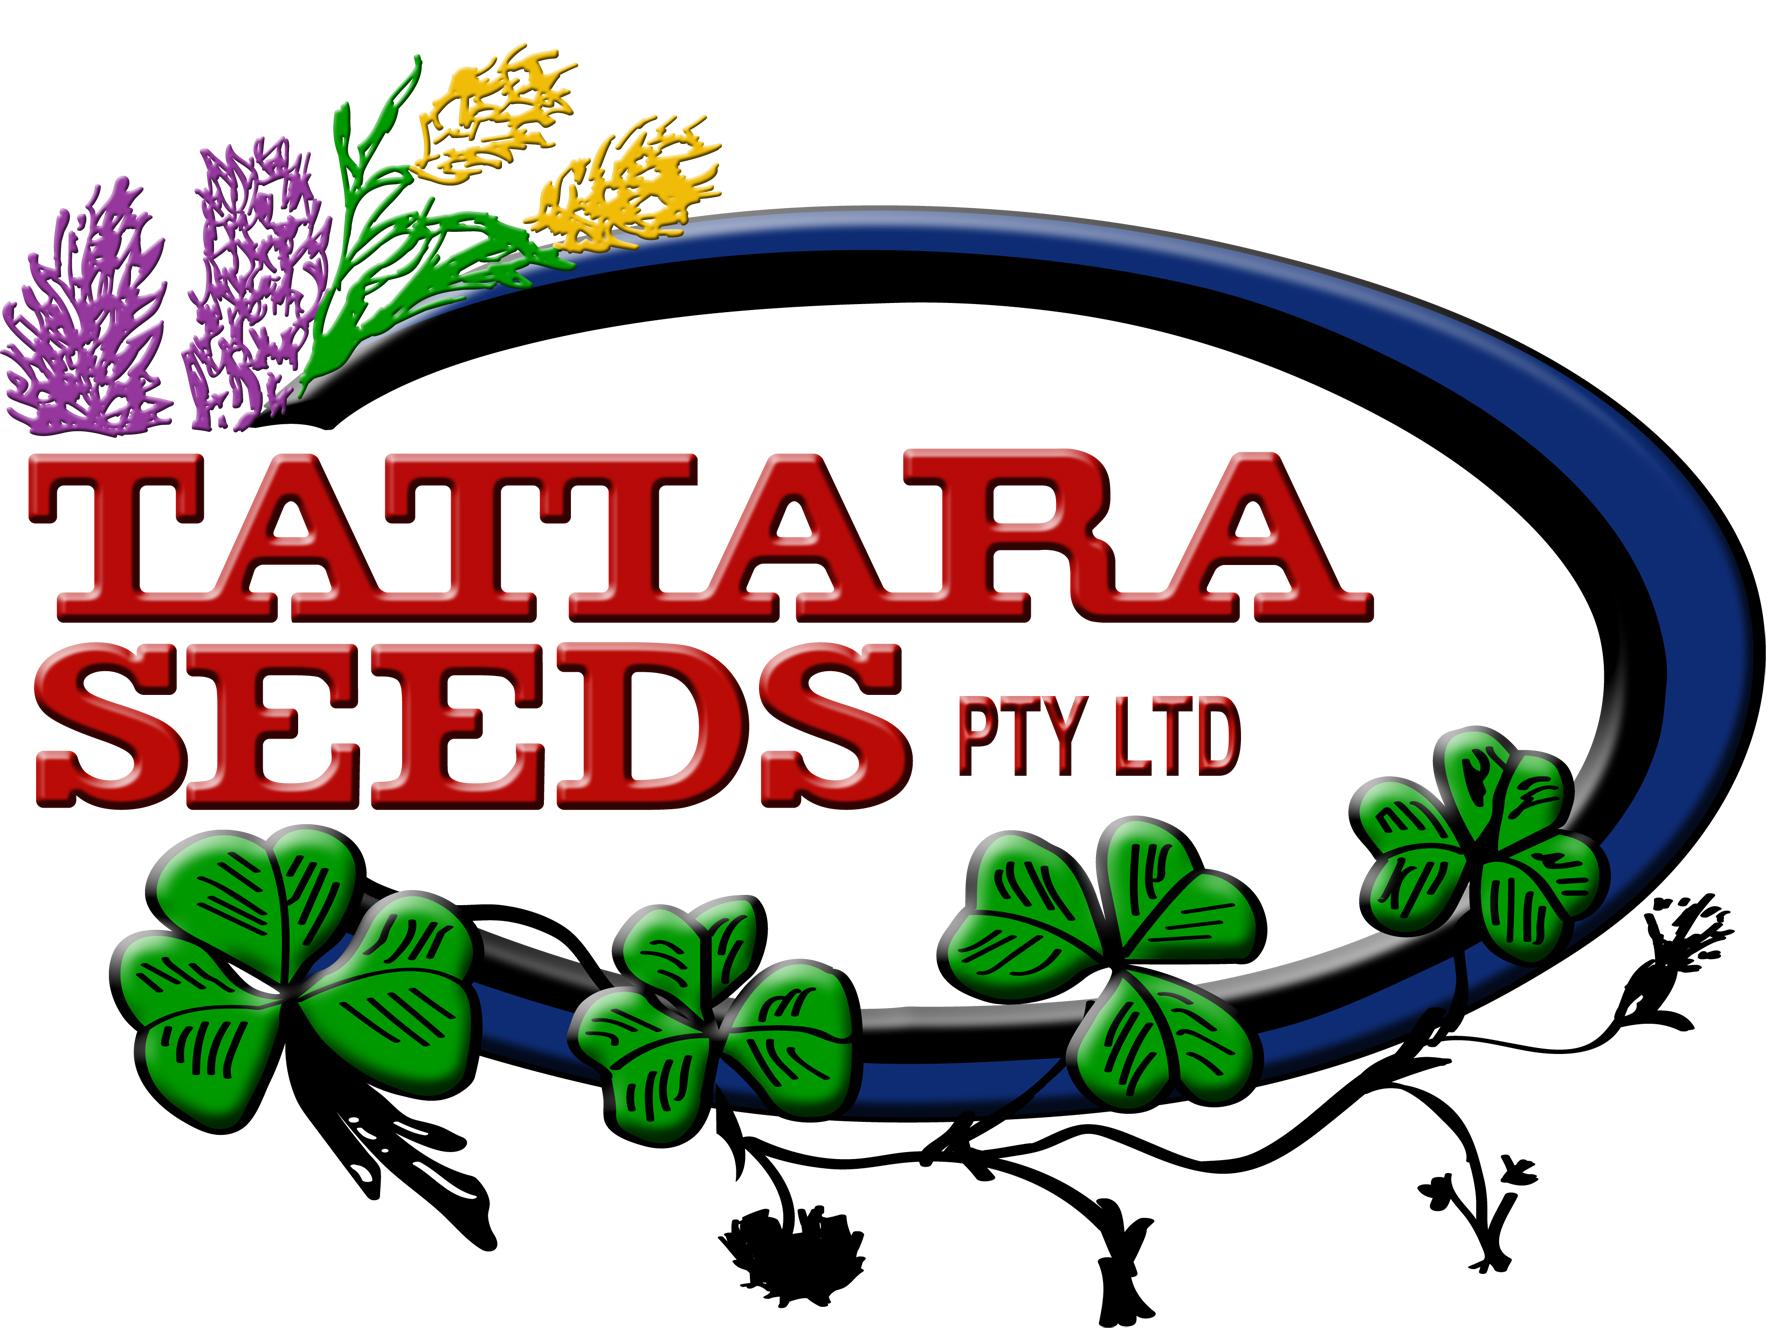 Tatiara Seeds